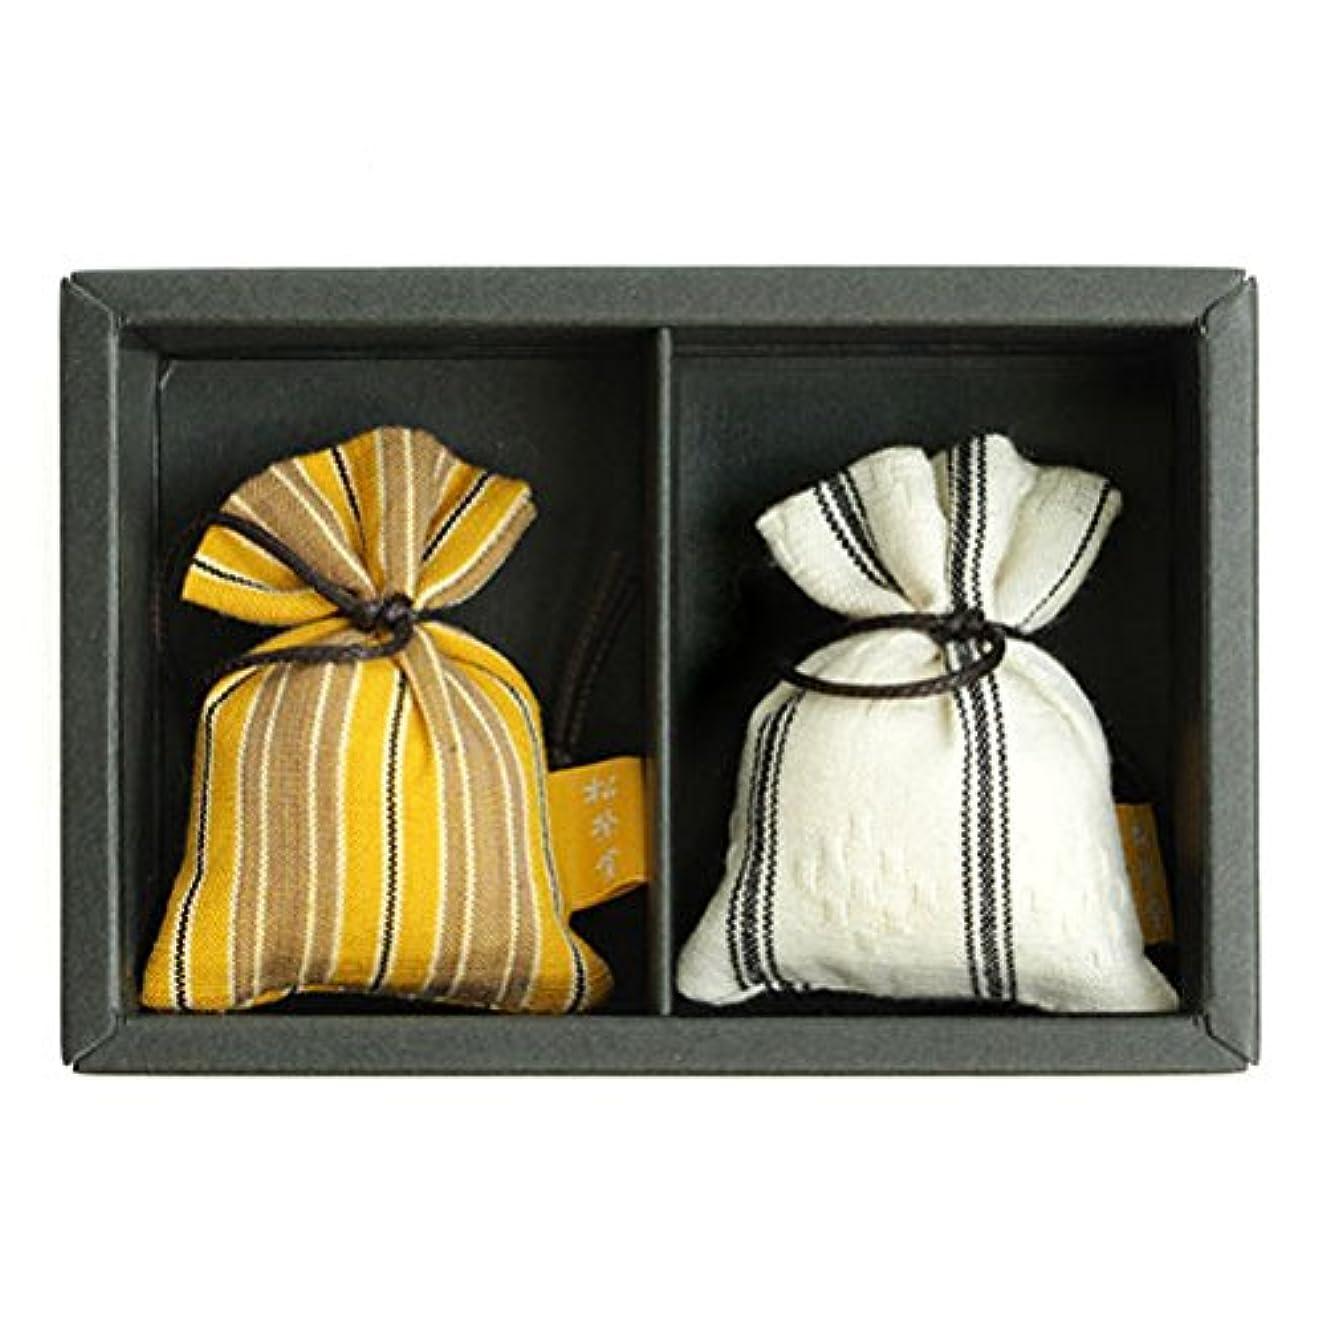 偽造宗教的ないとこ匂い袋 誰が袖 ルリック(縞) 2個入 松栄堂 Shoyeido 本体長さ60mm (色?柄は選べません)